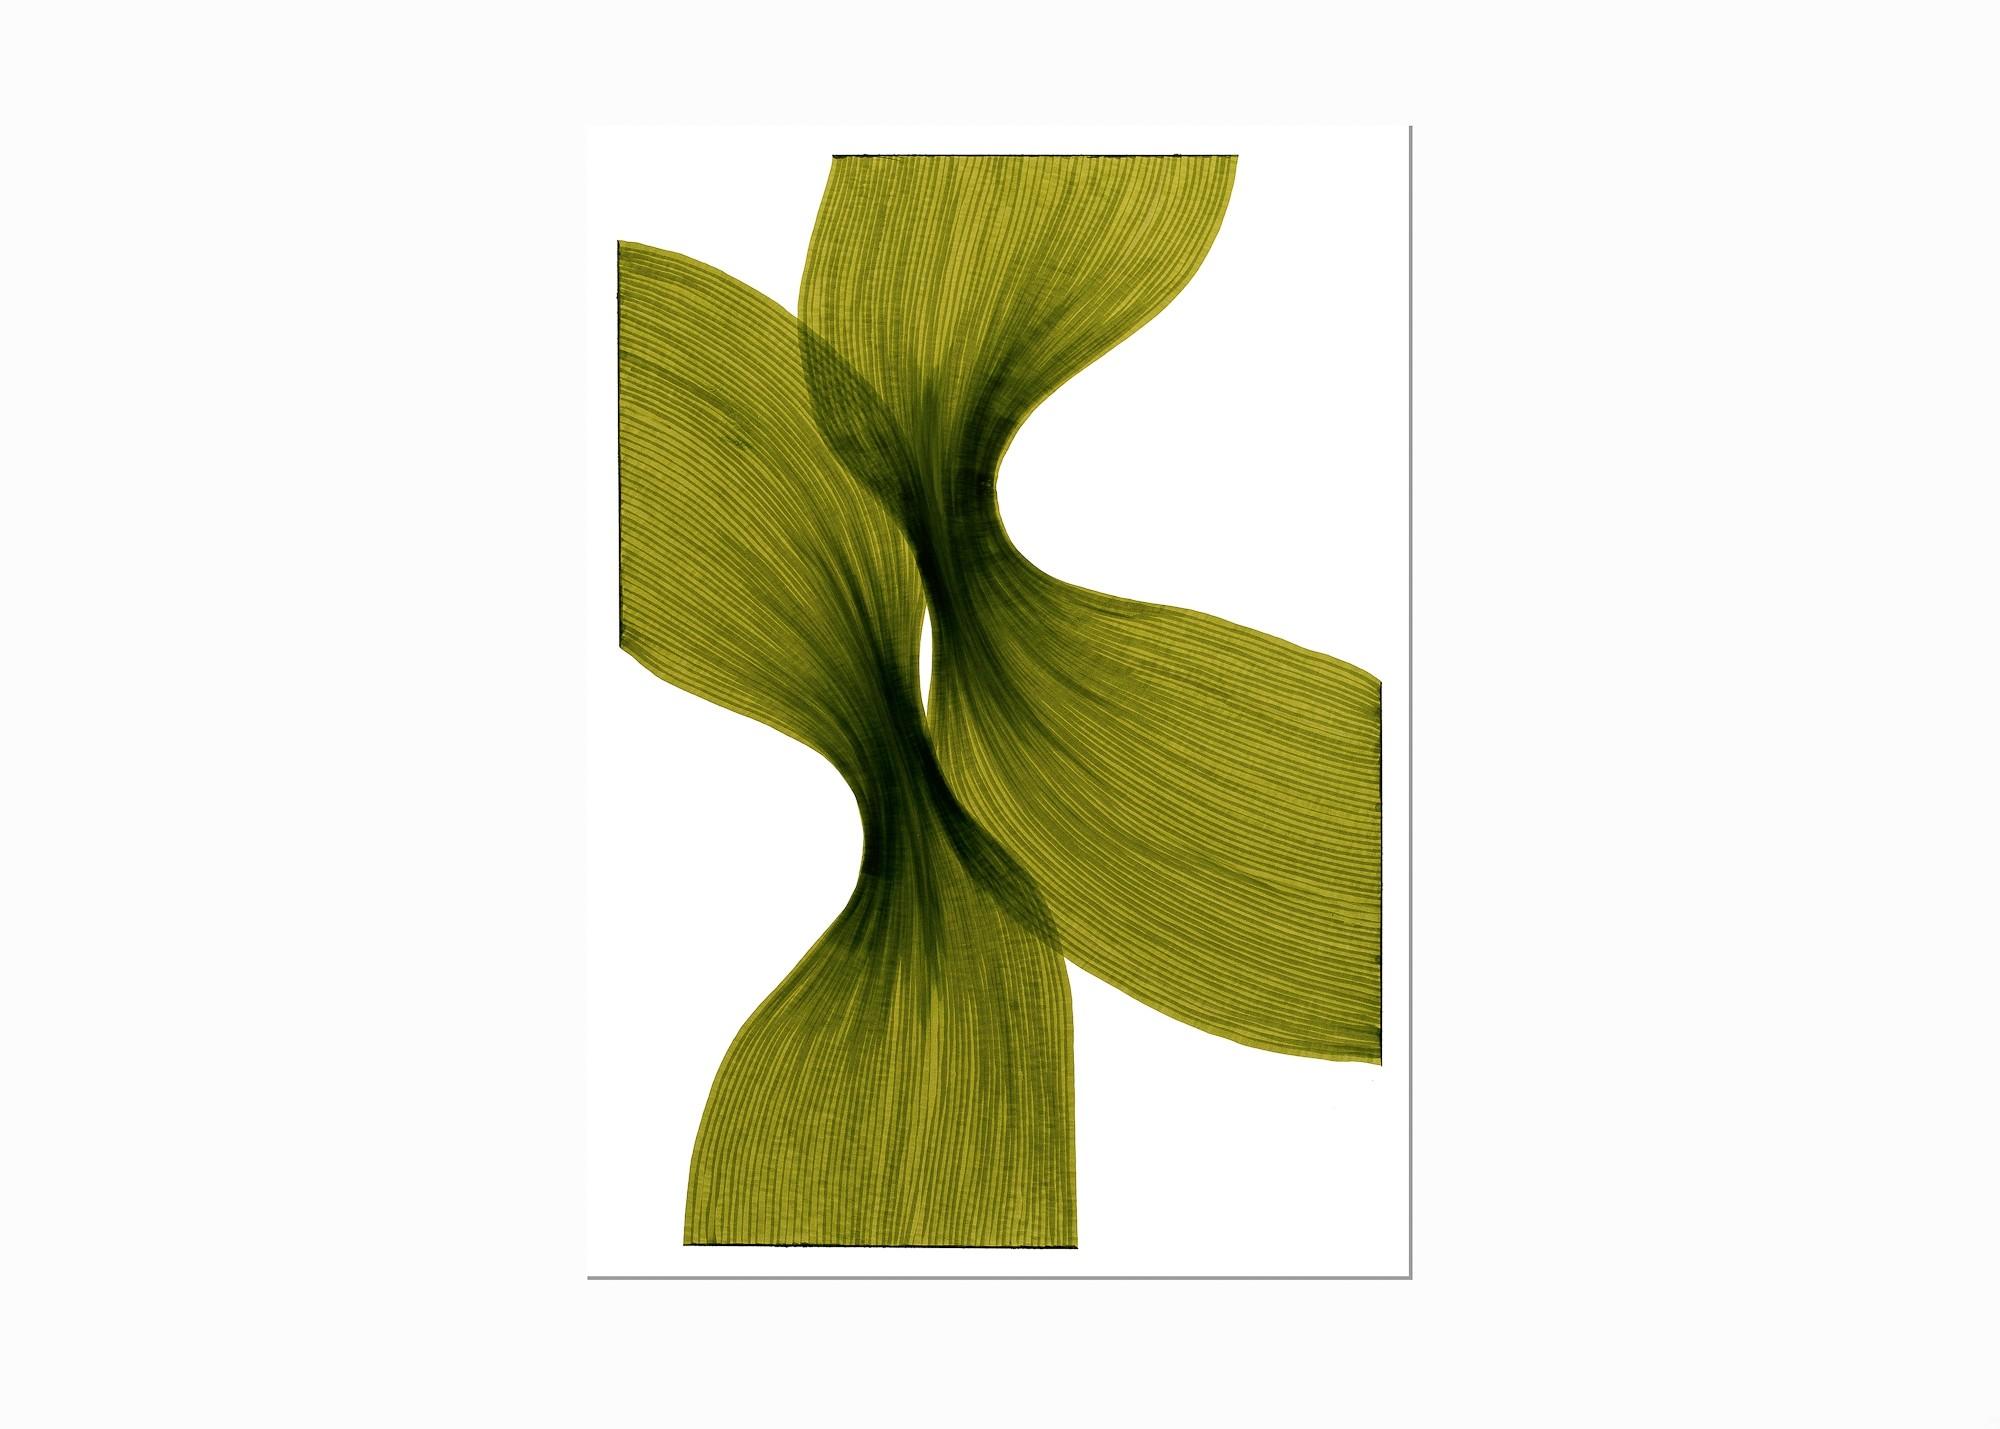 Banana Leaf Sheer Folds   Lali Torma   Zeichnung   Kalligraphietusche auf Papier - 2